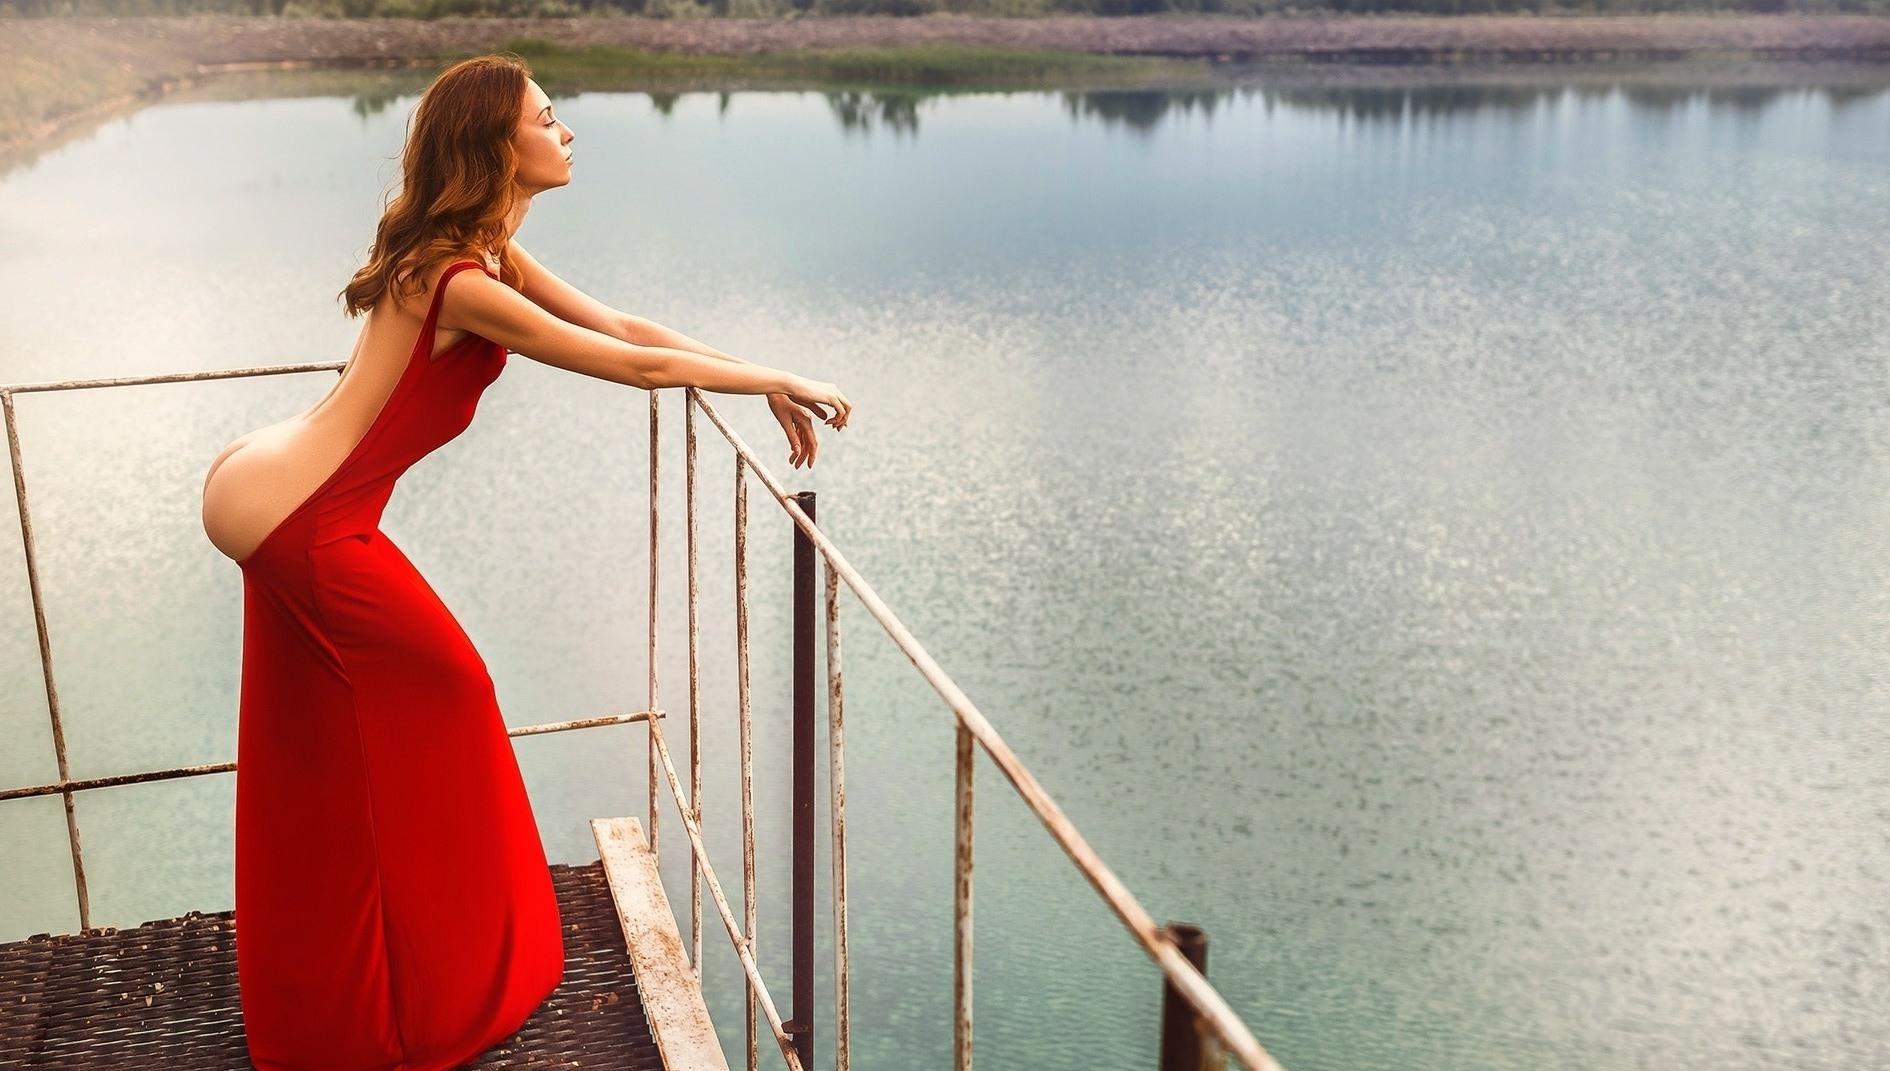 Фото Девушка в красном платье любуется на озеро, вытащила попку из платья и оттопырила назад, скачать картинку бесплатно